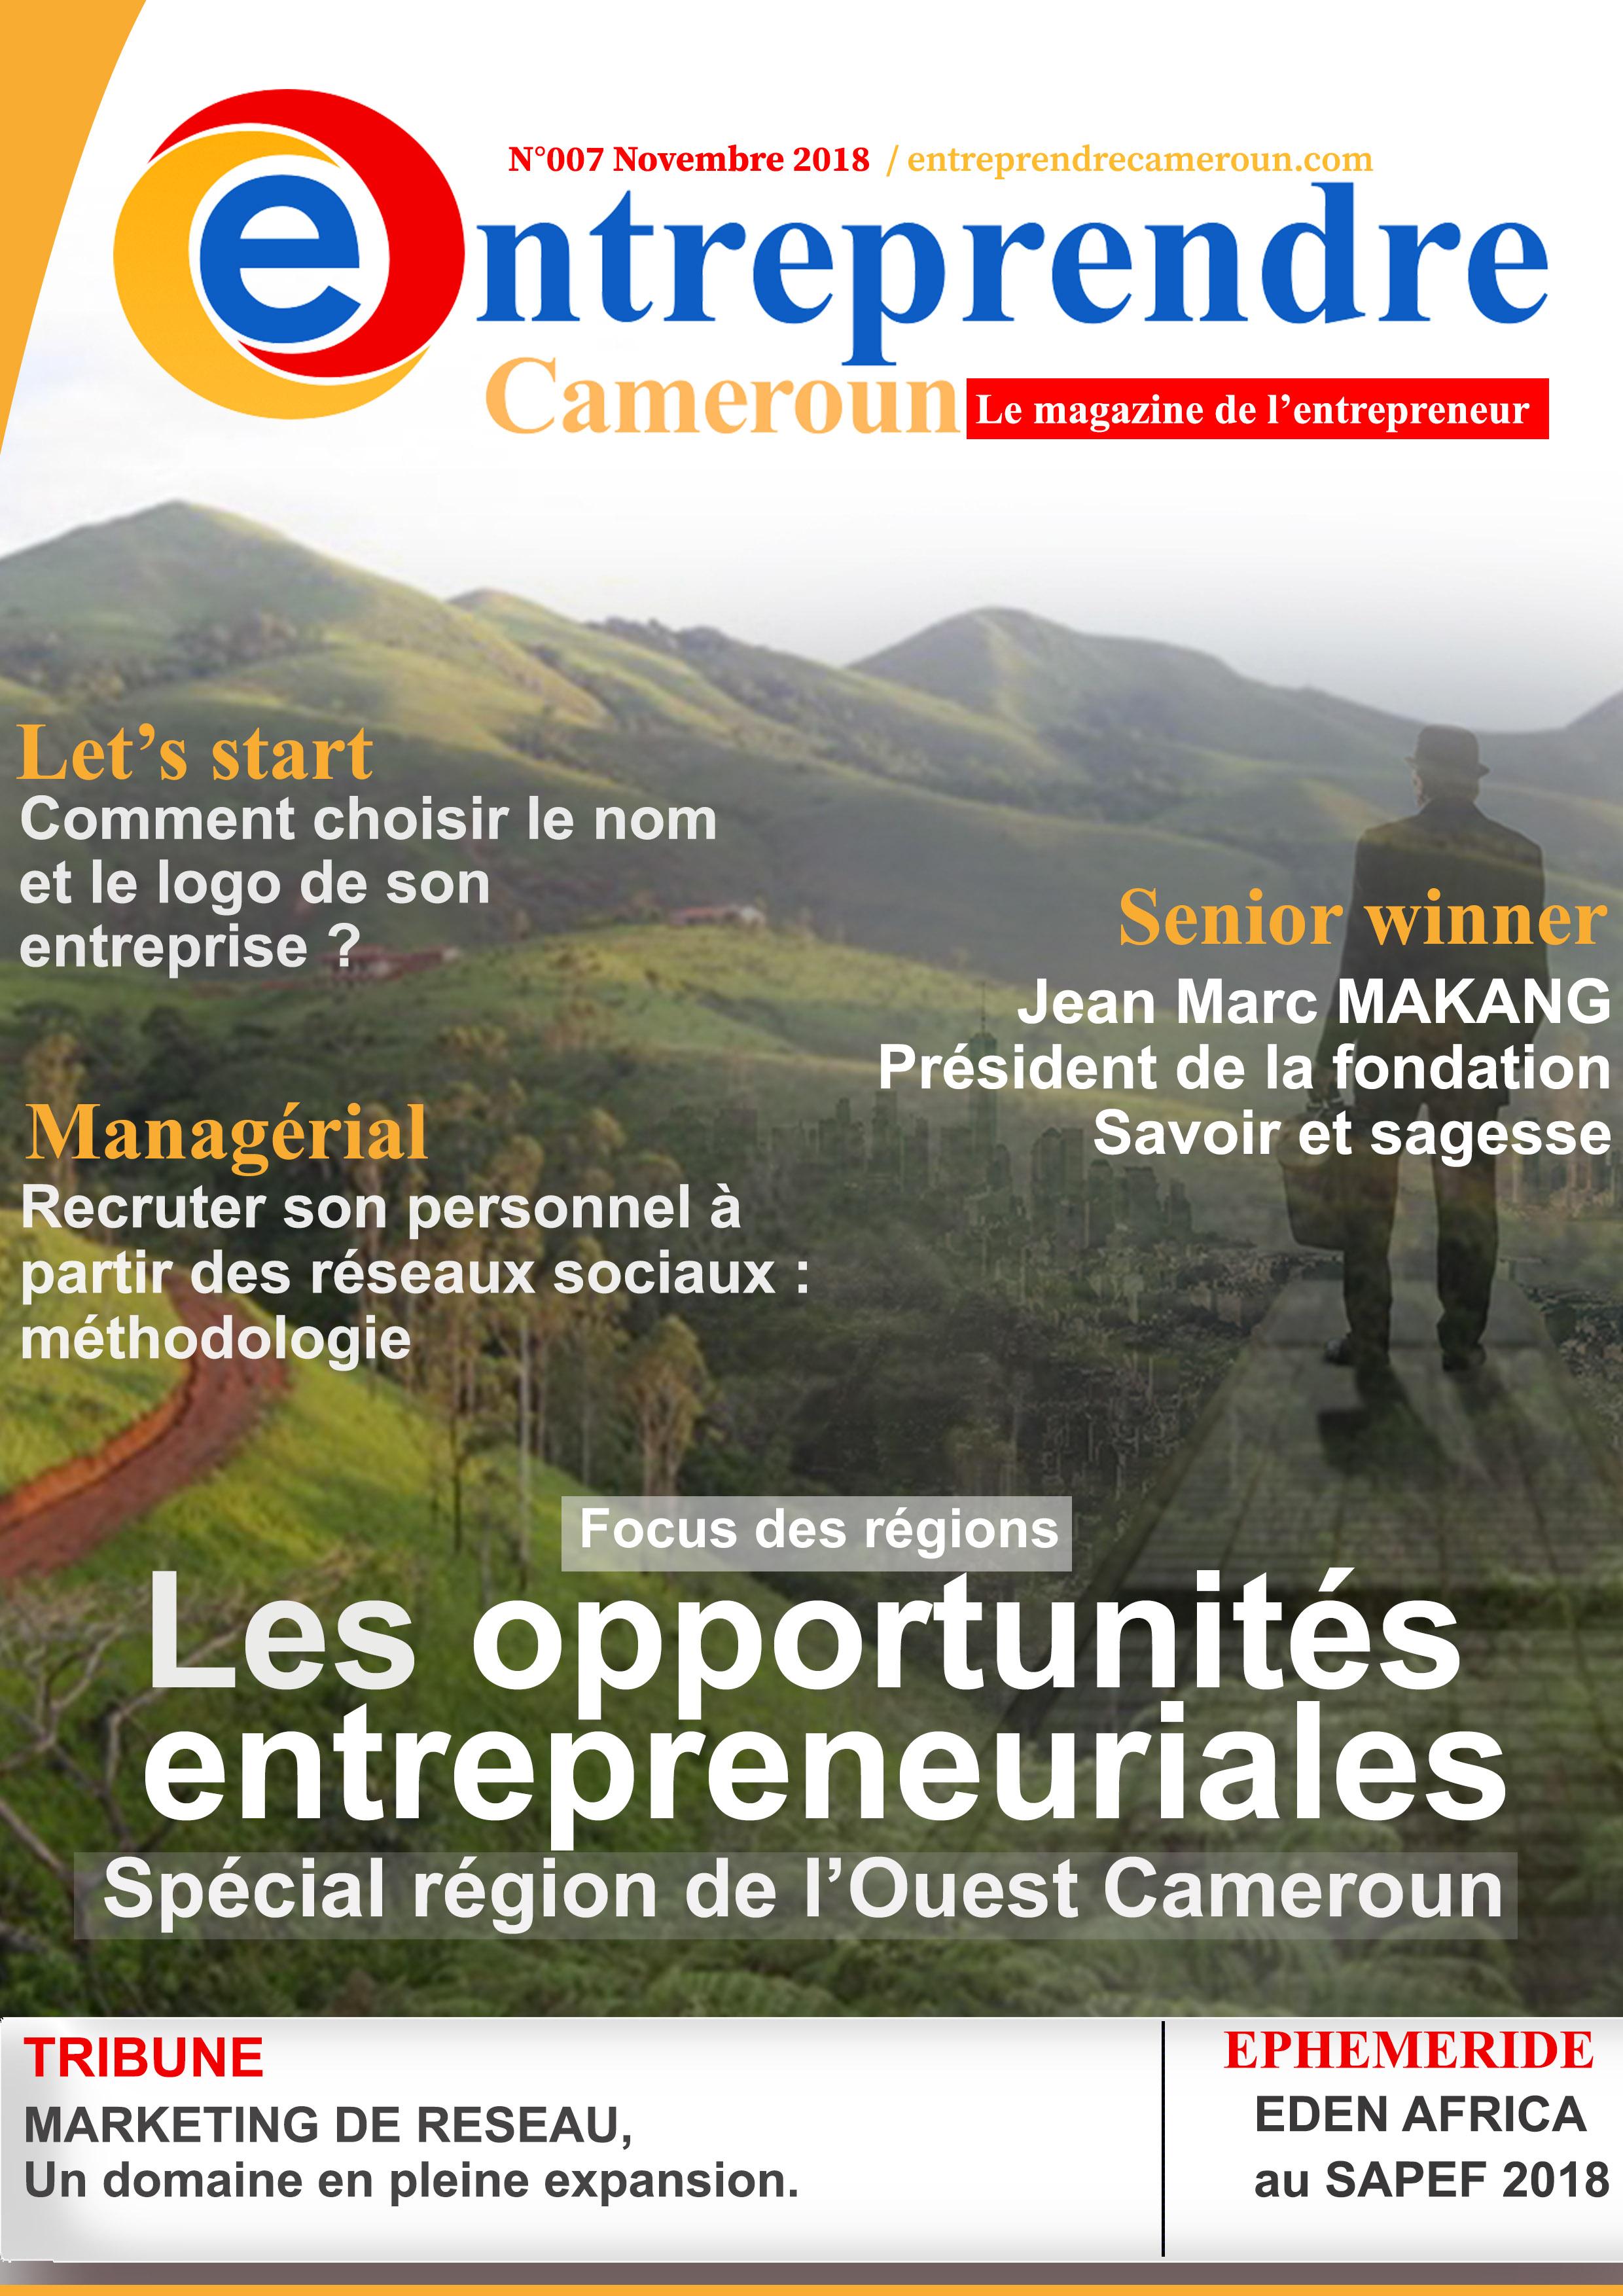 Les opportunités entrepreneuriales : spécial région de l'ouest Cameroun